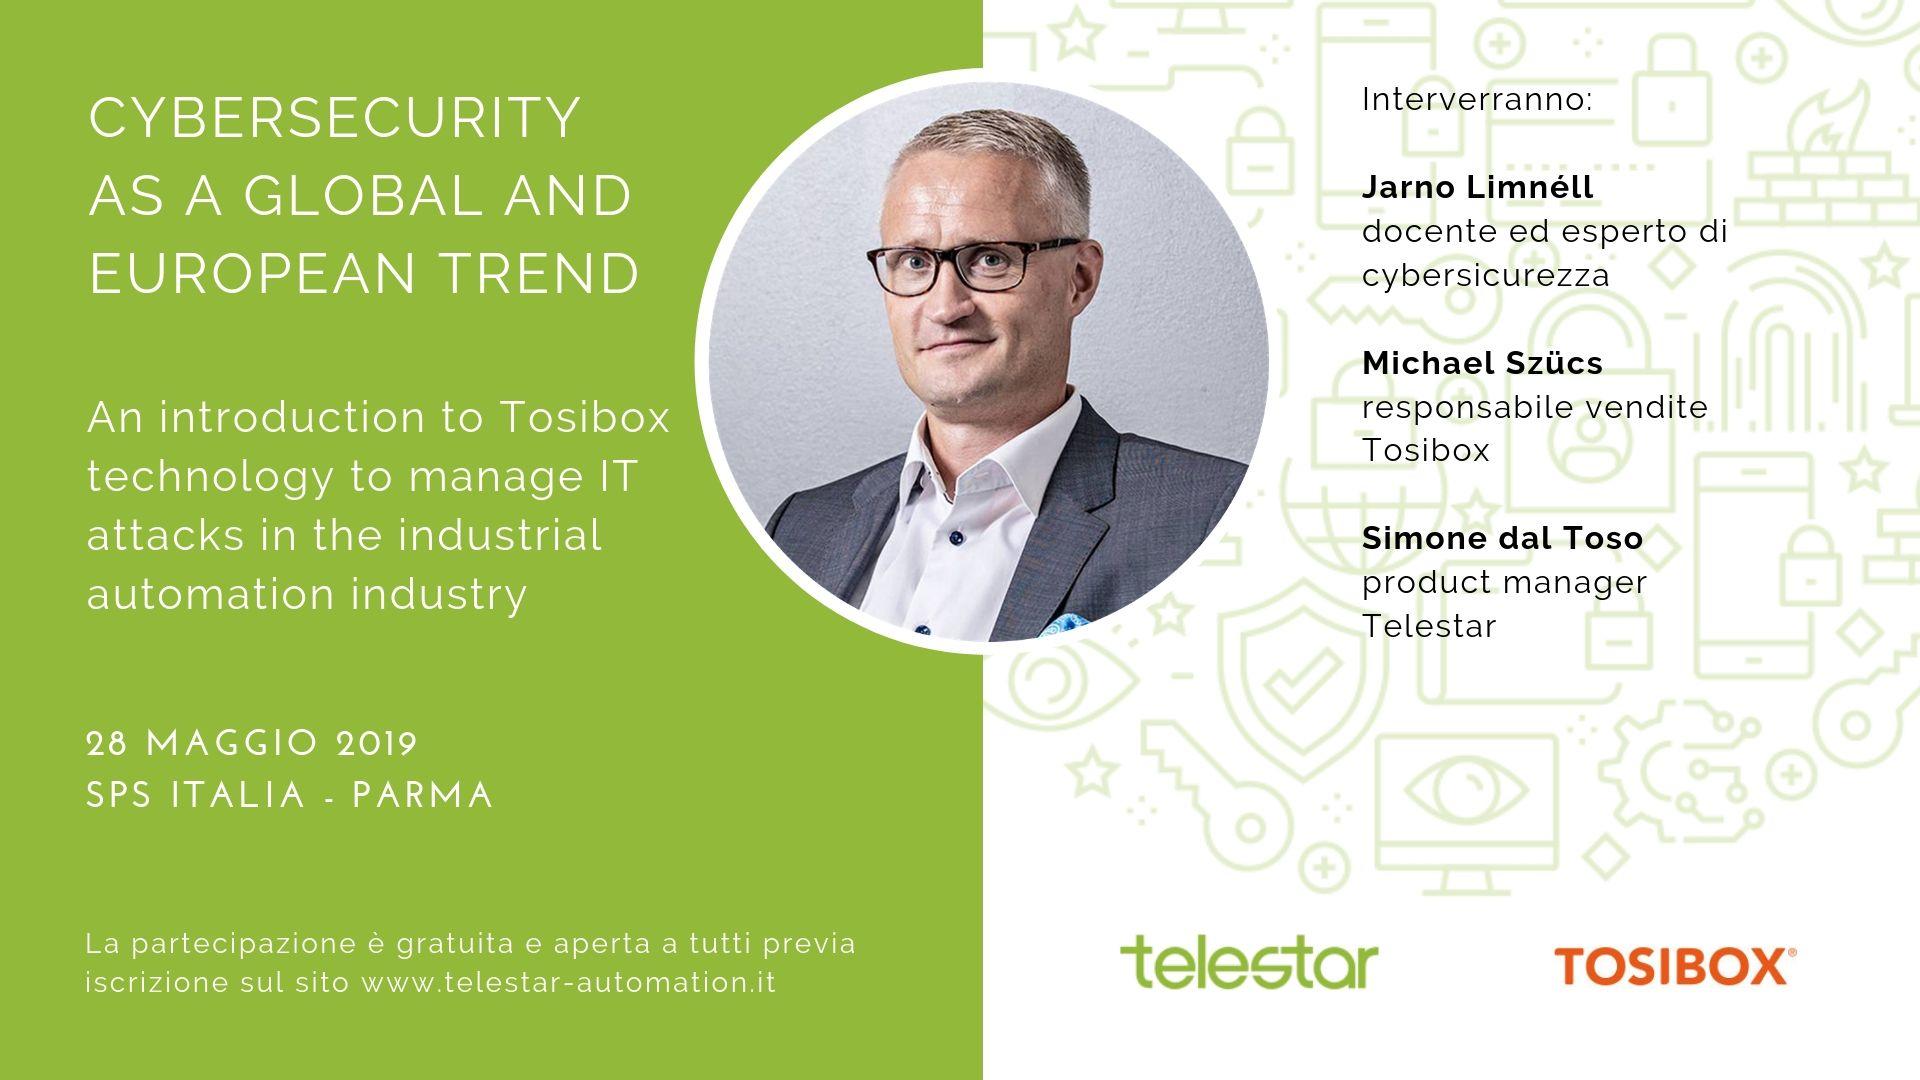 Convegno 28.05.2019 - La cybersecurity come tendenza globale ed europea